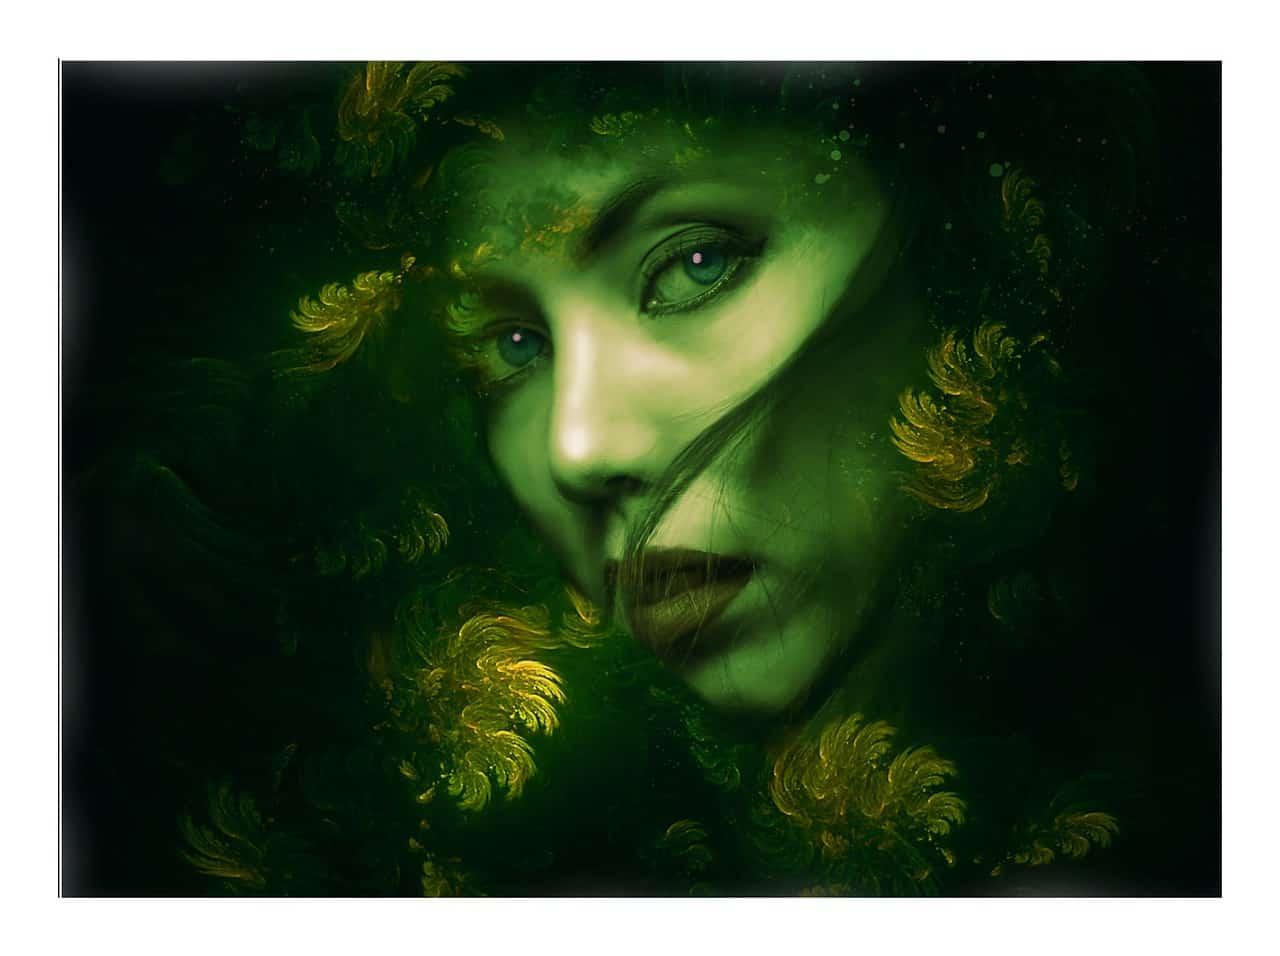 Grüne Göttin